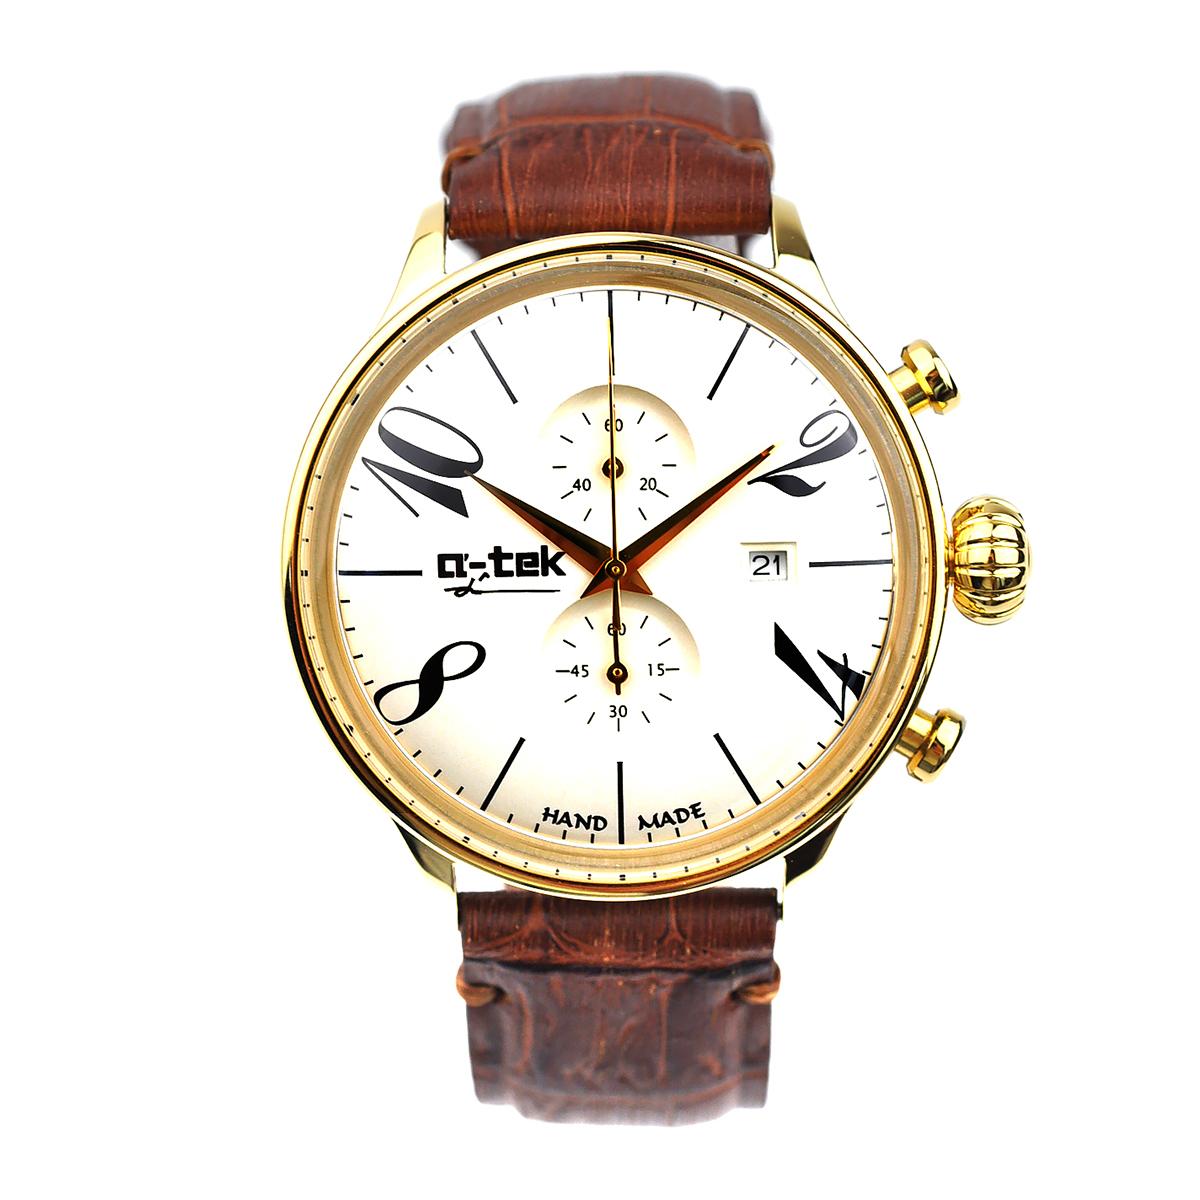 【残り1点】a-tek エイテック クォーツ 腕時計 メンズ ドイツ デザイナーズウォッチ [A1308G] 並行輸入品 メーカー保証12ヵ月 純正ケース付き